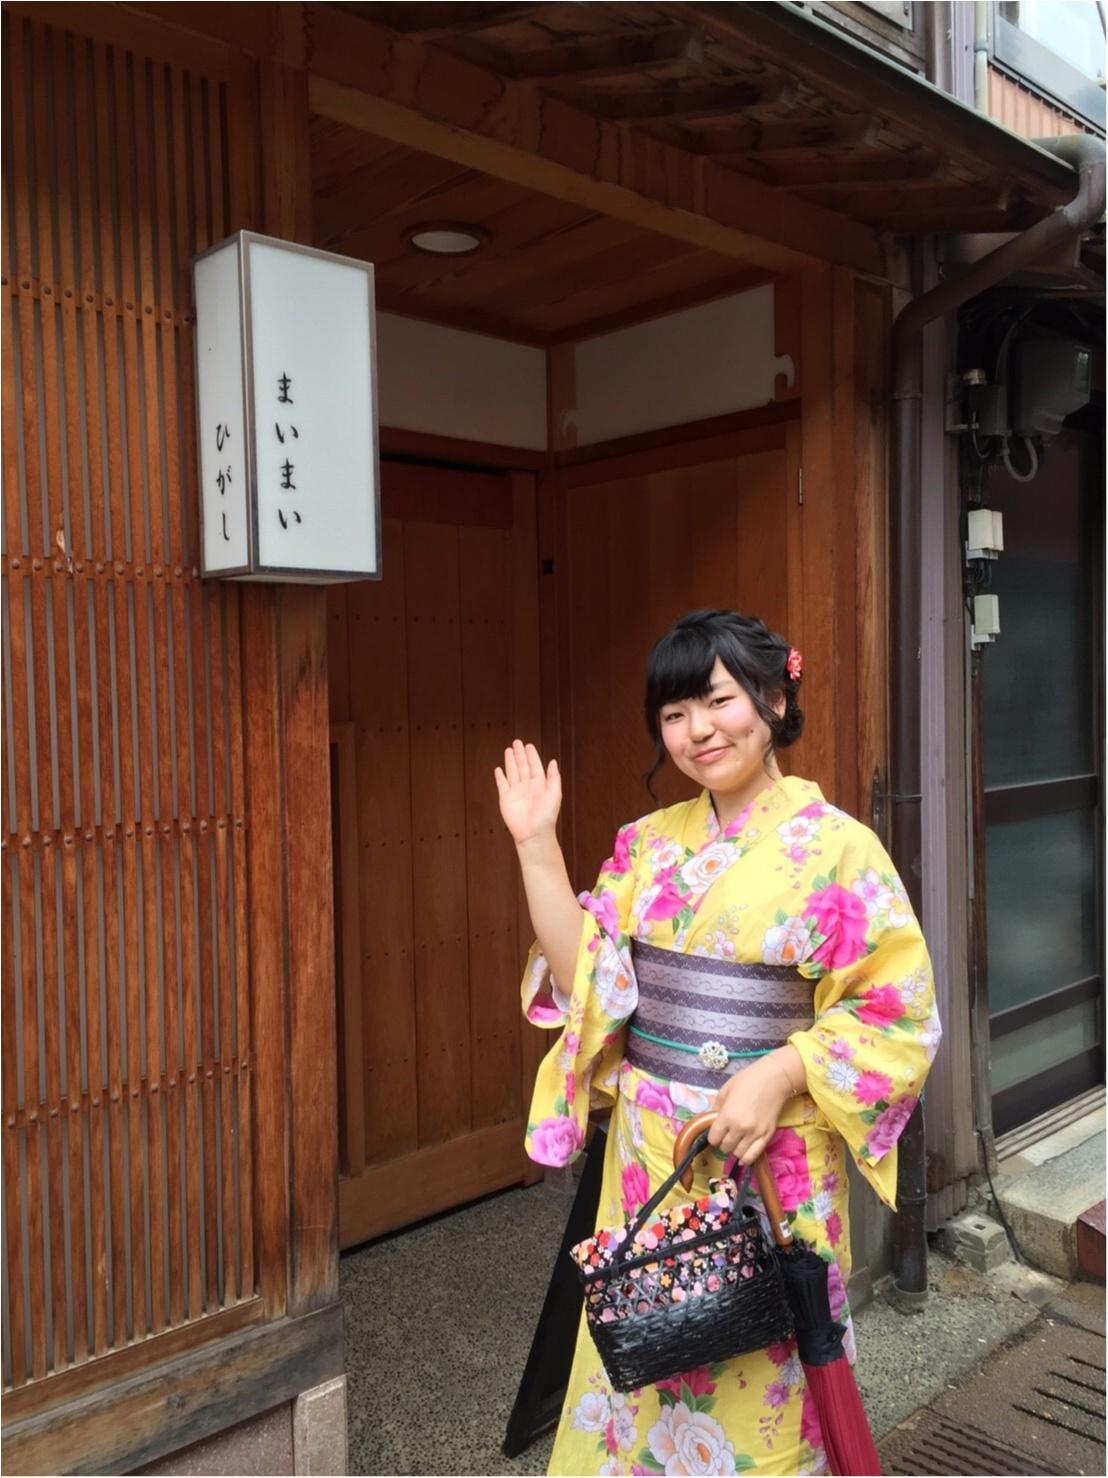 金沢女子旅特集 - 日帰り・週末旅行に! 金沢21世紀美術館など観光地やグルメまとめ_24